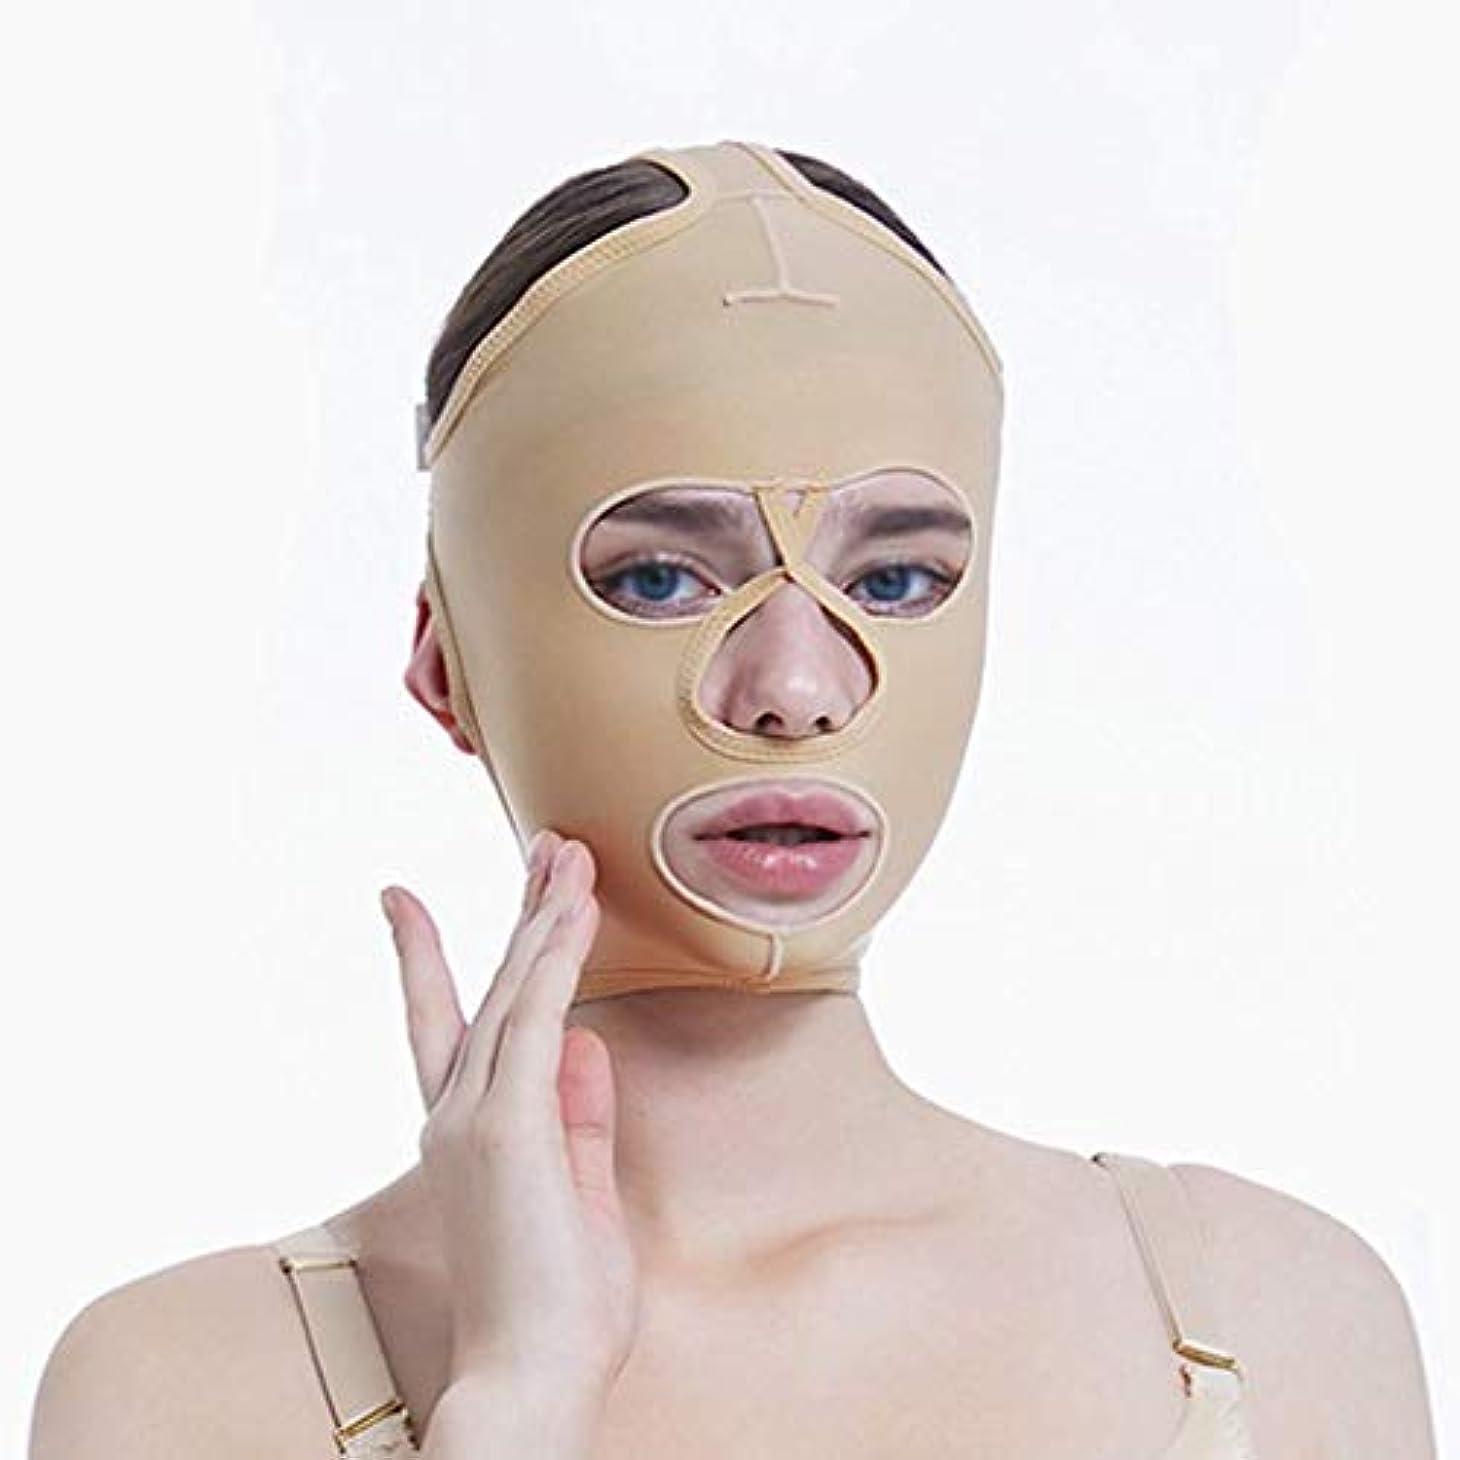 ポーズ厳密にビデオチンリフティングベルト、超薄型ベルト、引き締めマスク、包帯吊り、フェイスリフティングマスク、超薄型ベルト、通気性(サイズ:L),XXL